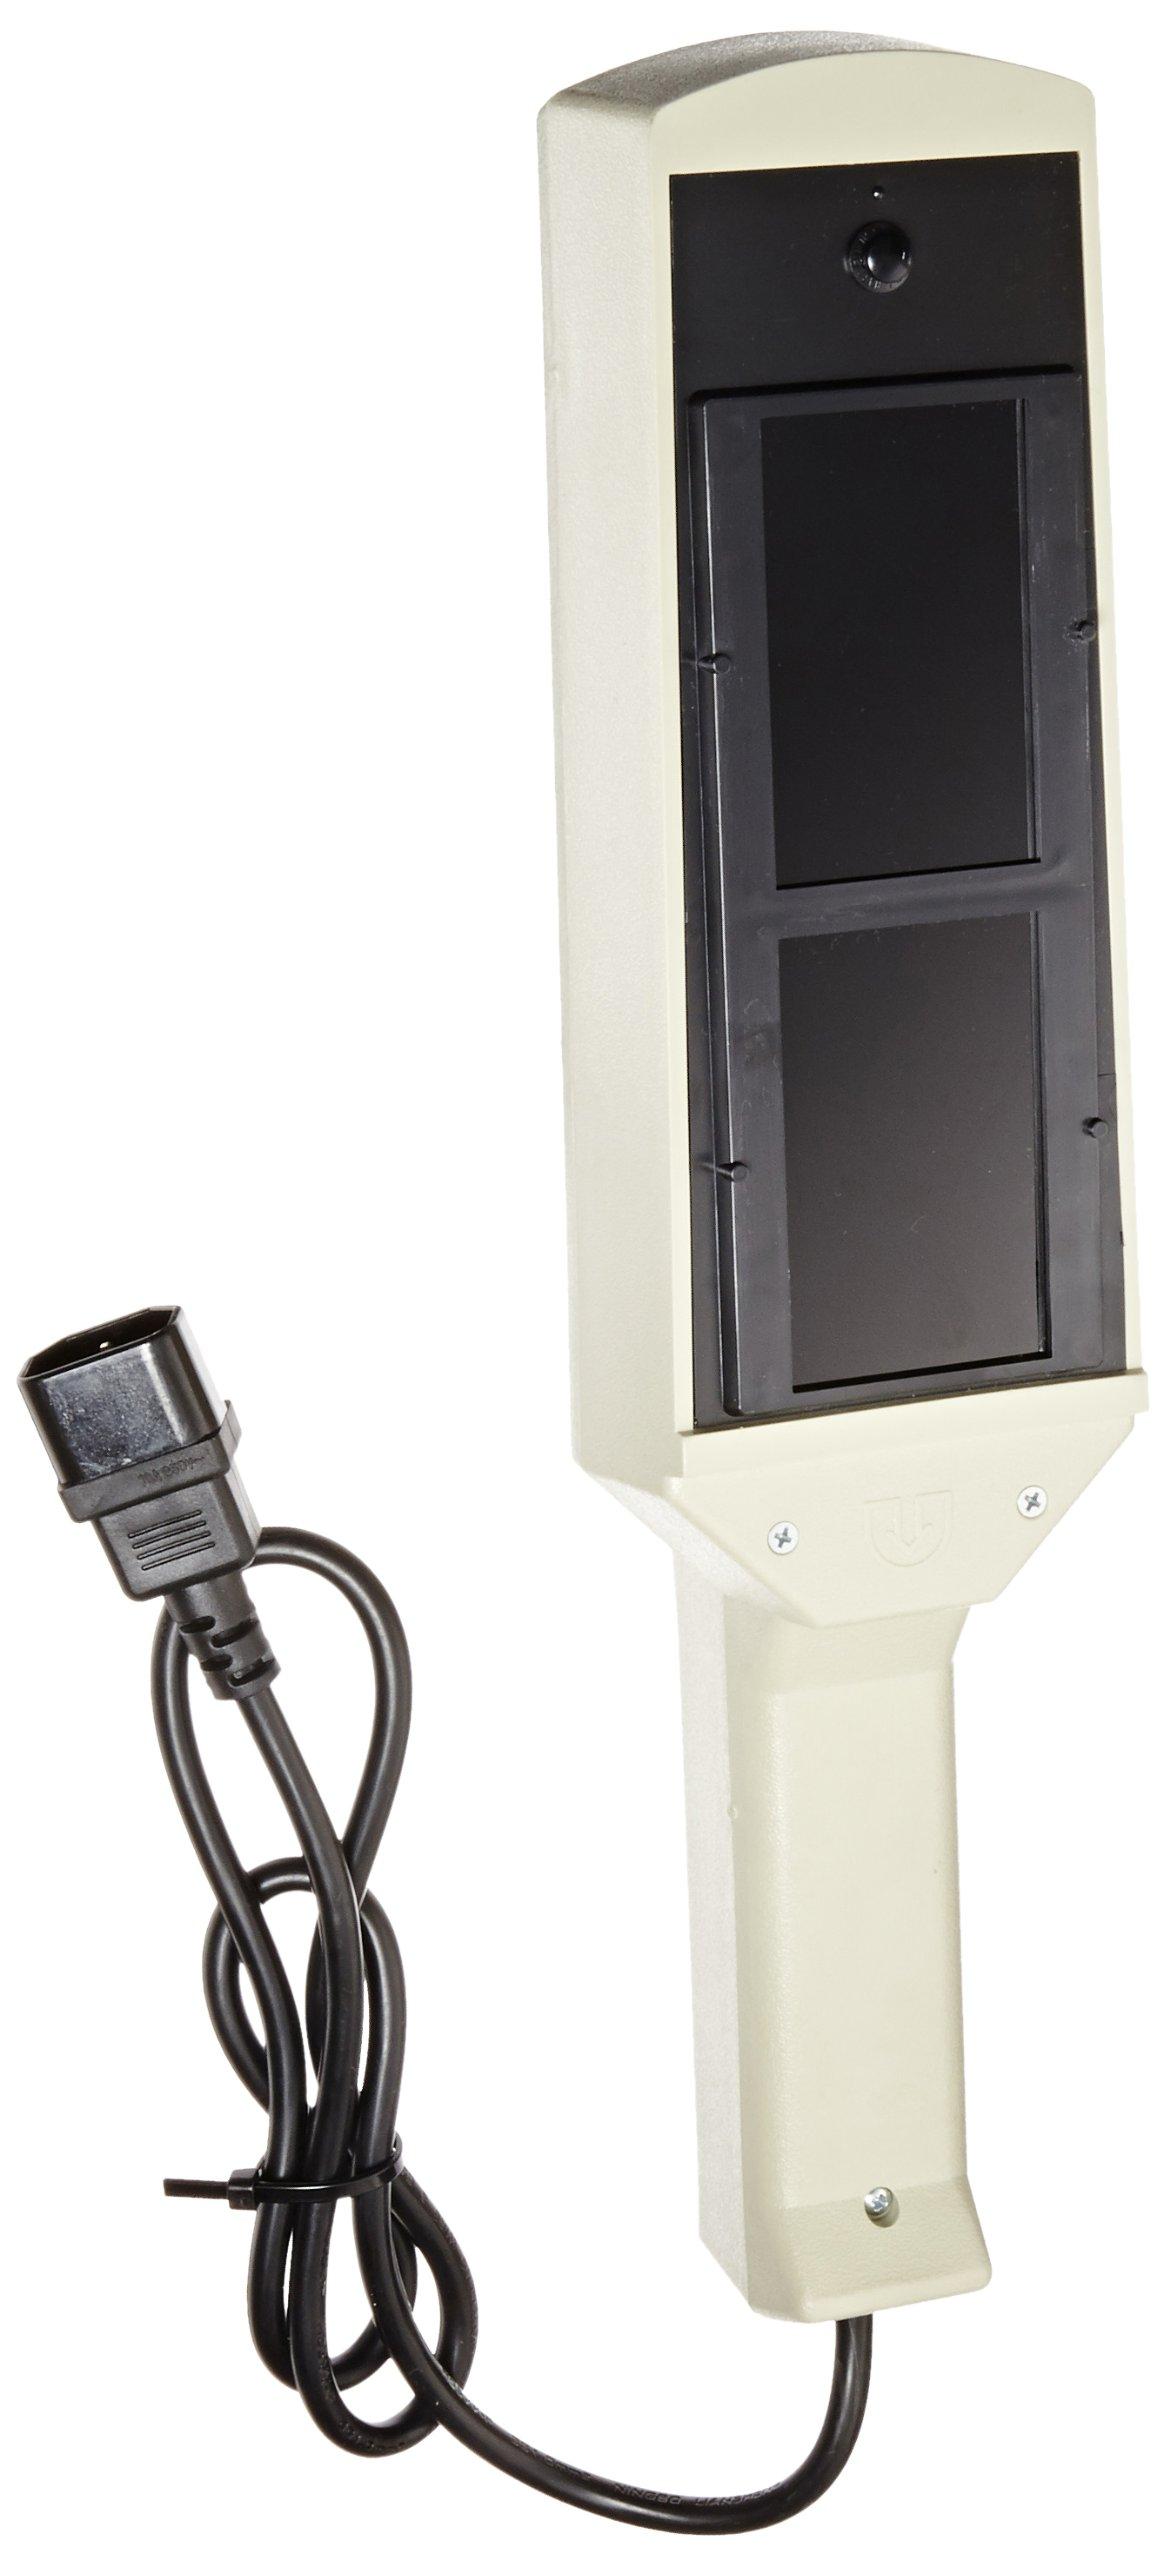 UVP 95-0007-06 Model UVGL-58 Handheld 6 Watt UV Lamp, 254/365nm Wavelength, 115V